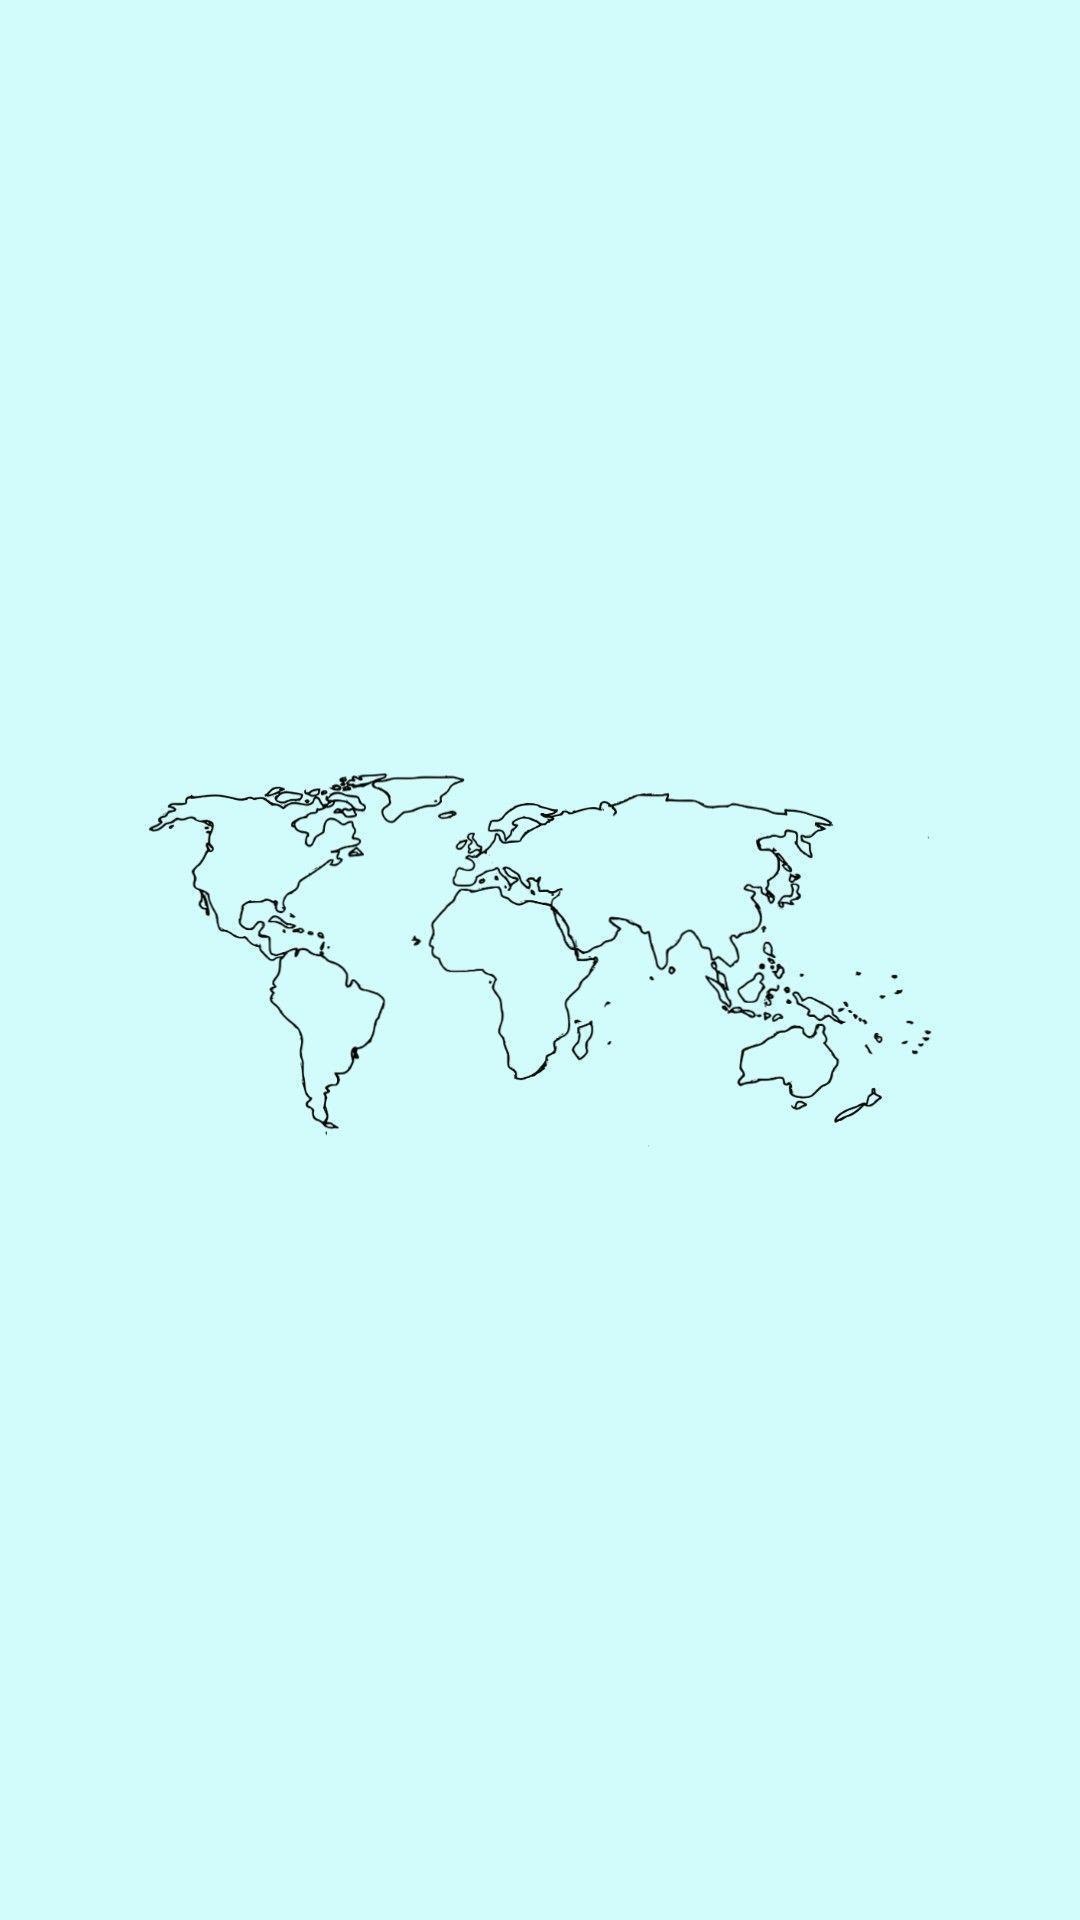 World Map Wallpaper In 2020 World Map Wallpaper Mint Green Wallpaper Map Wallpaper